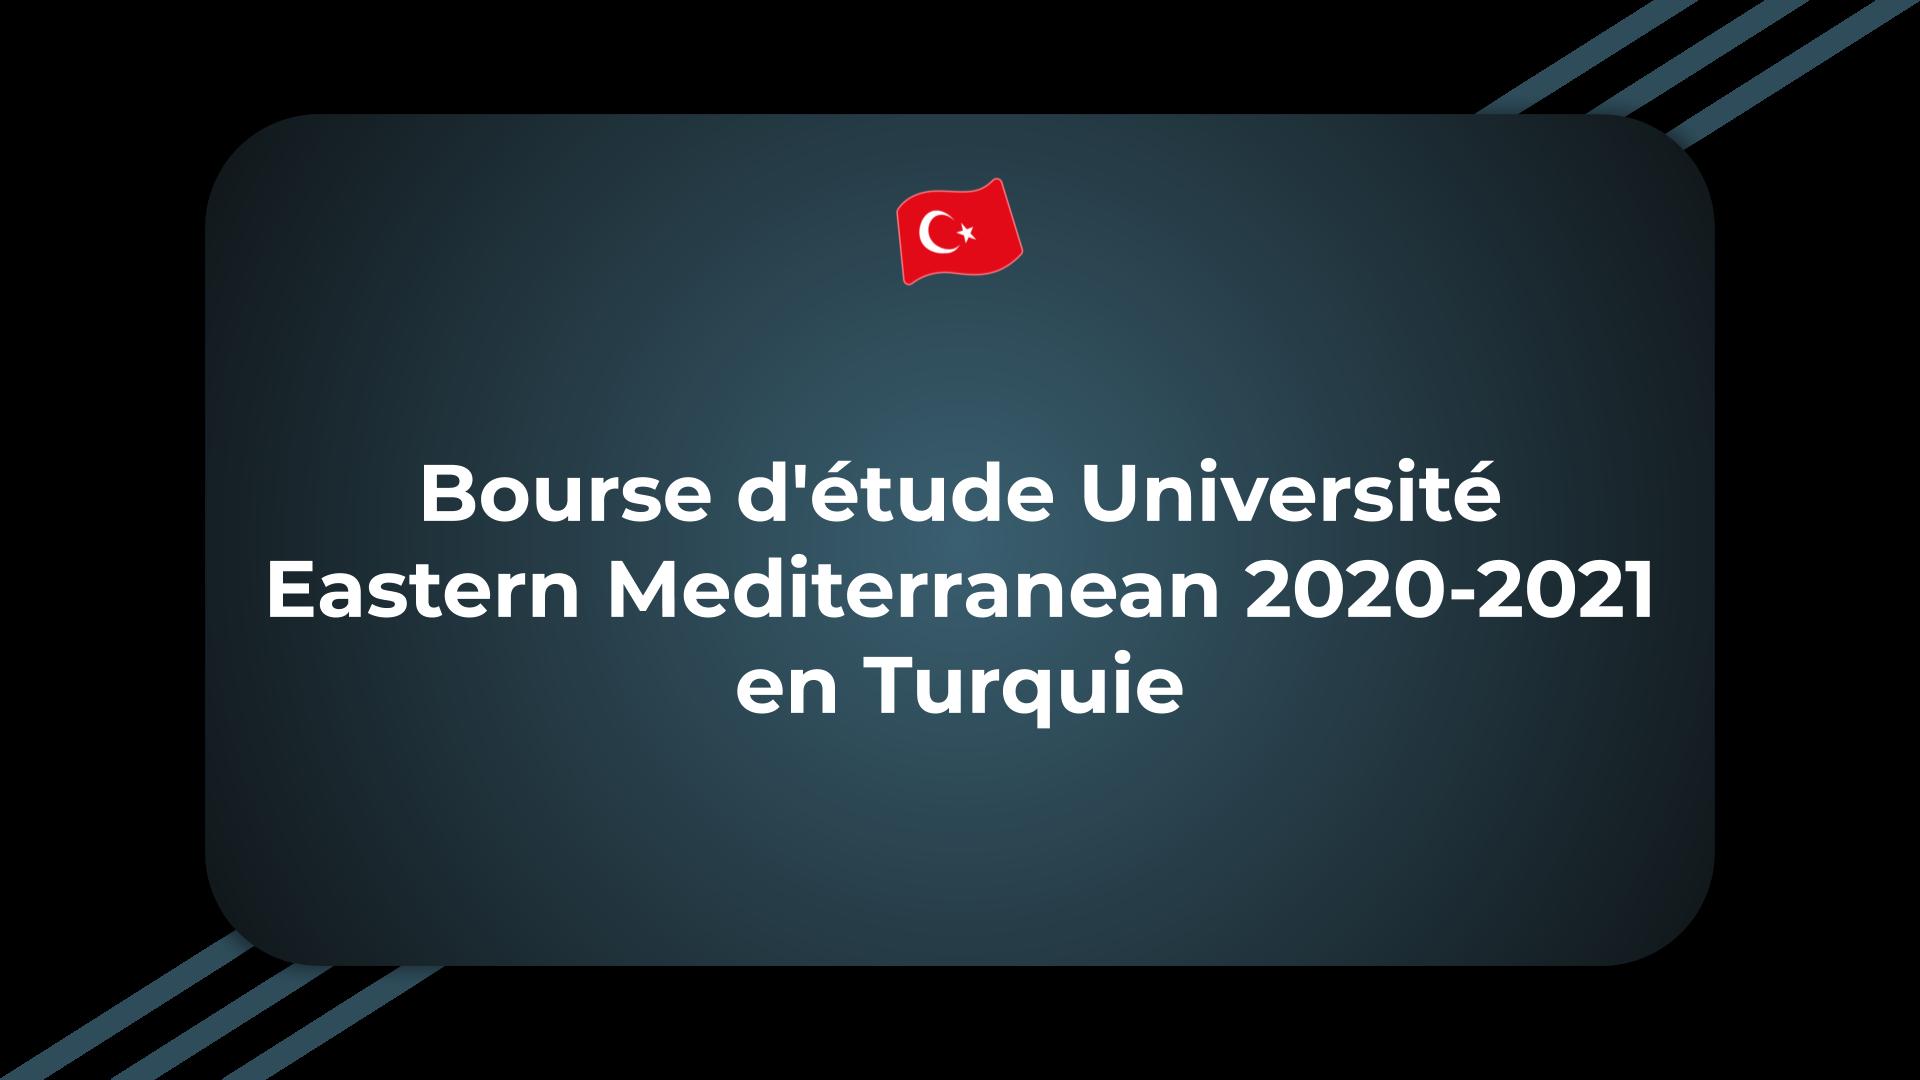 Bourse d'étude Université Eastern Mediterranean